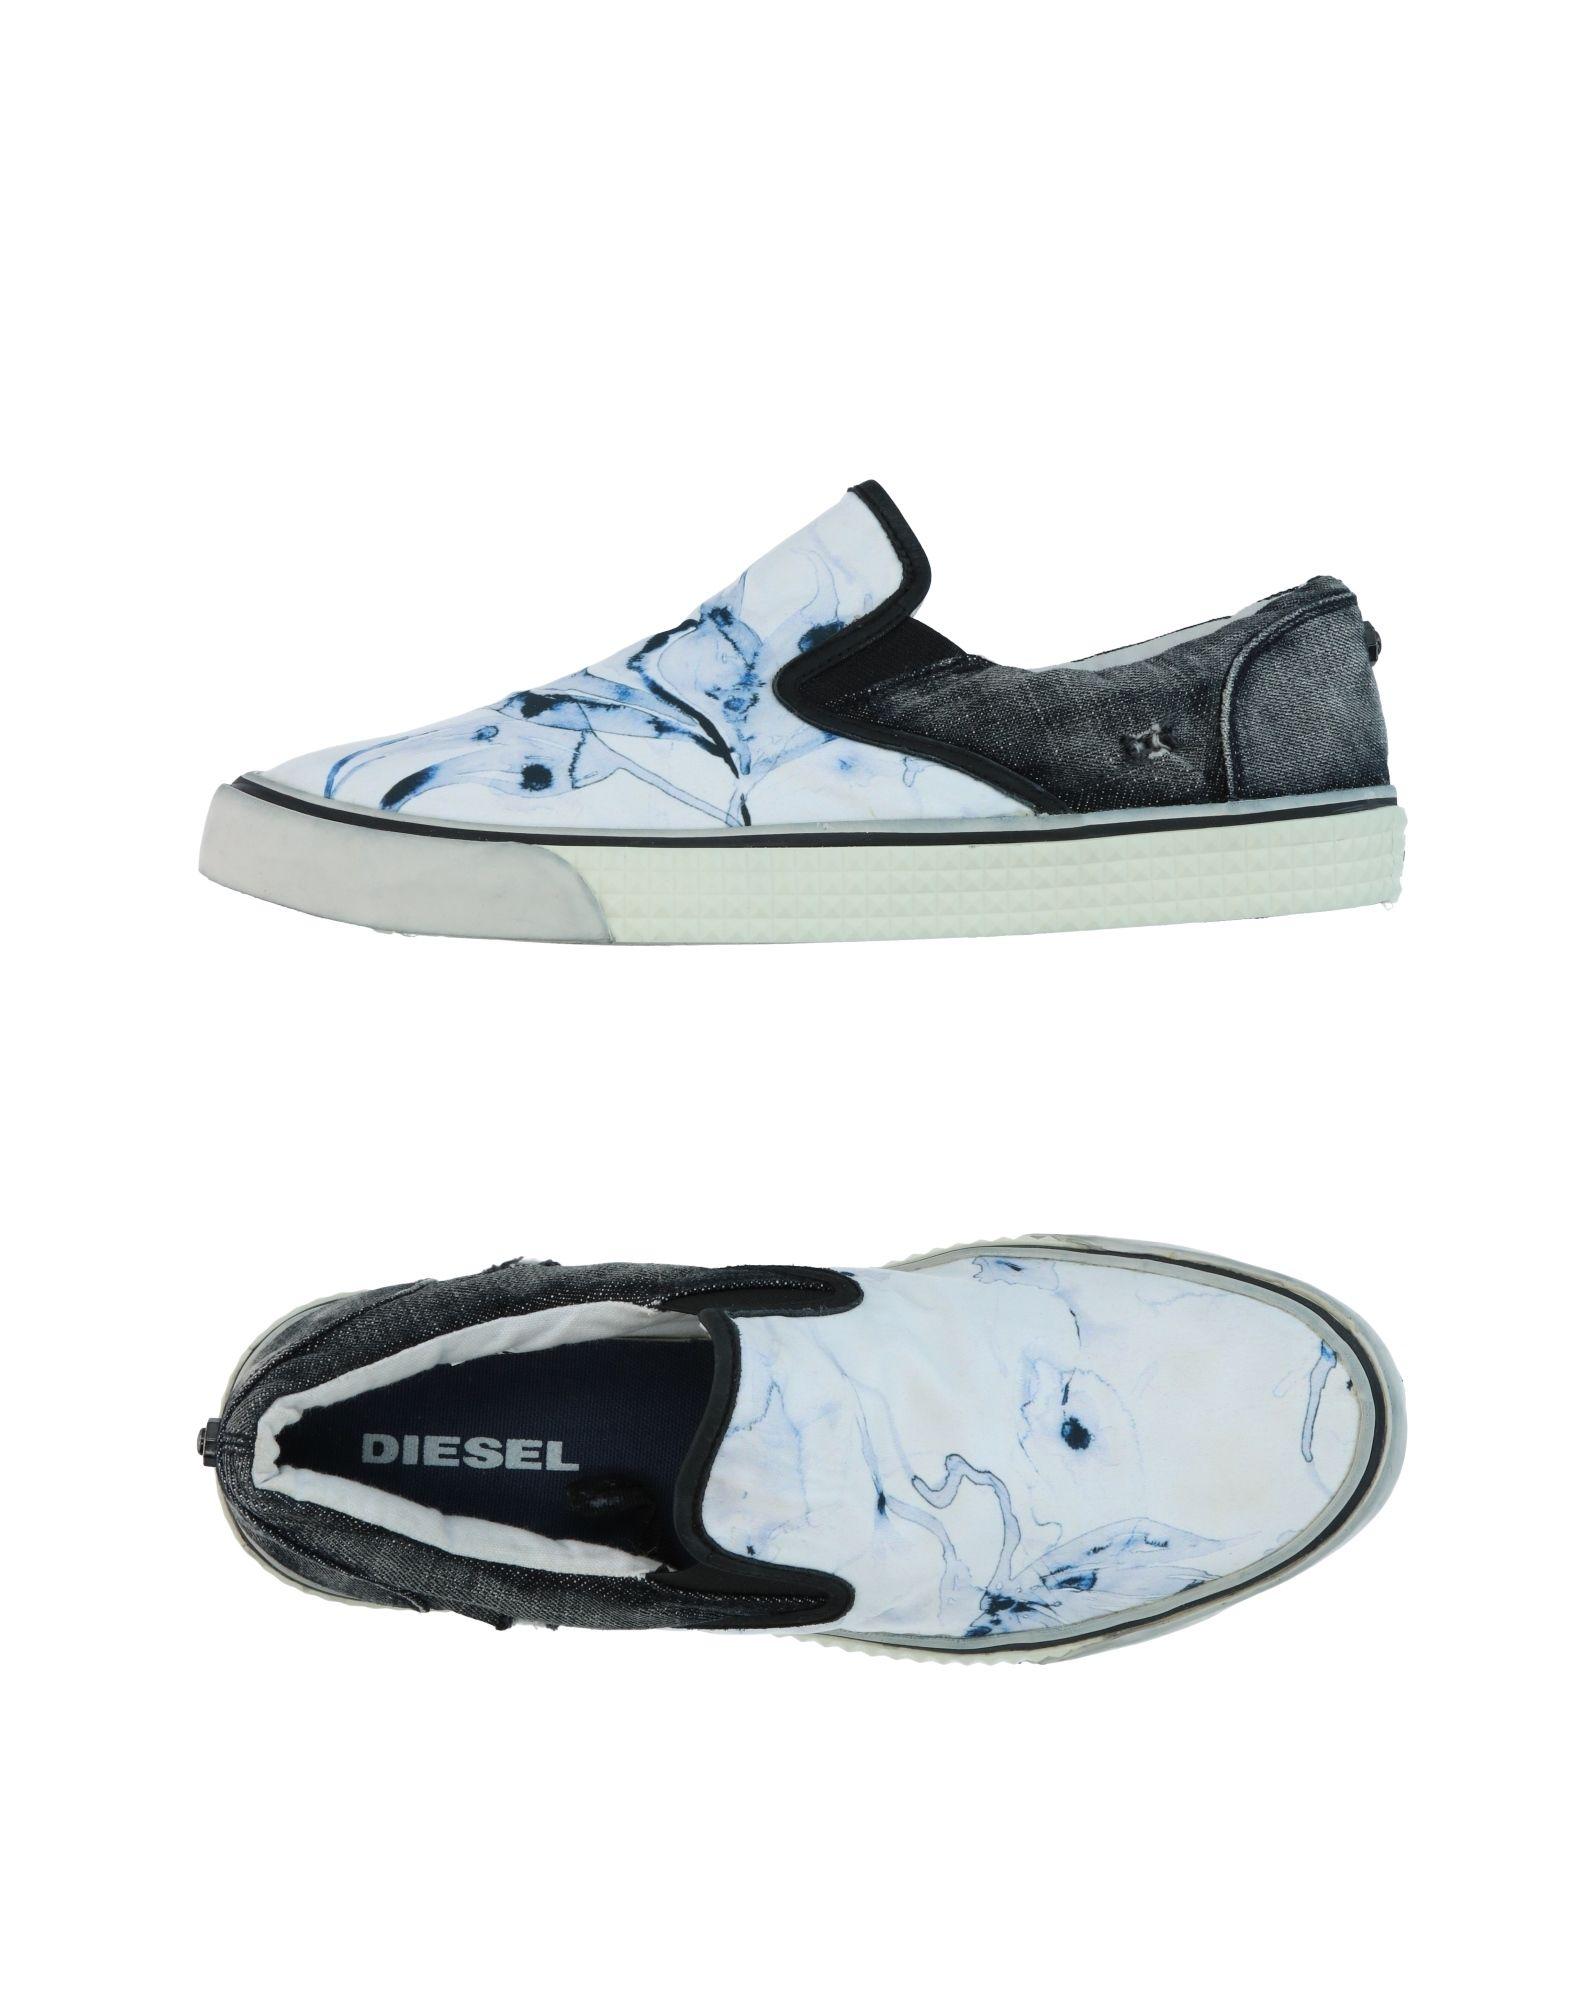 Diesel on Sneakers - Women Diesel Sneakers online on Diesel  Canada - 11309370GF 2a1a45